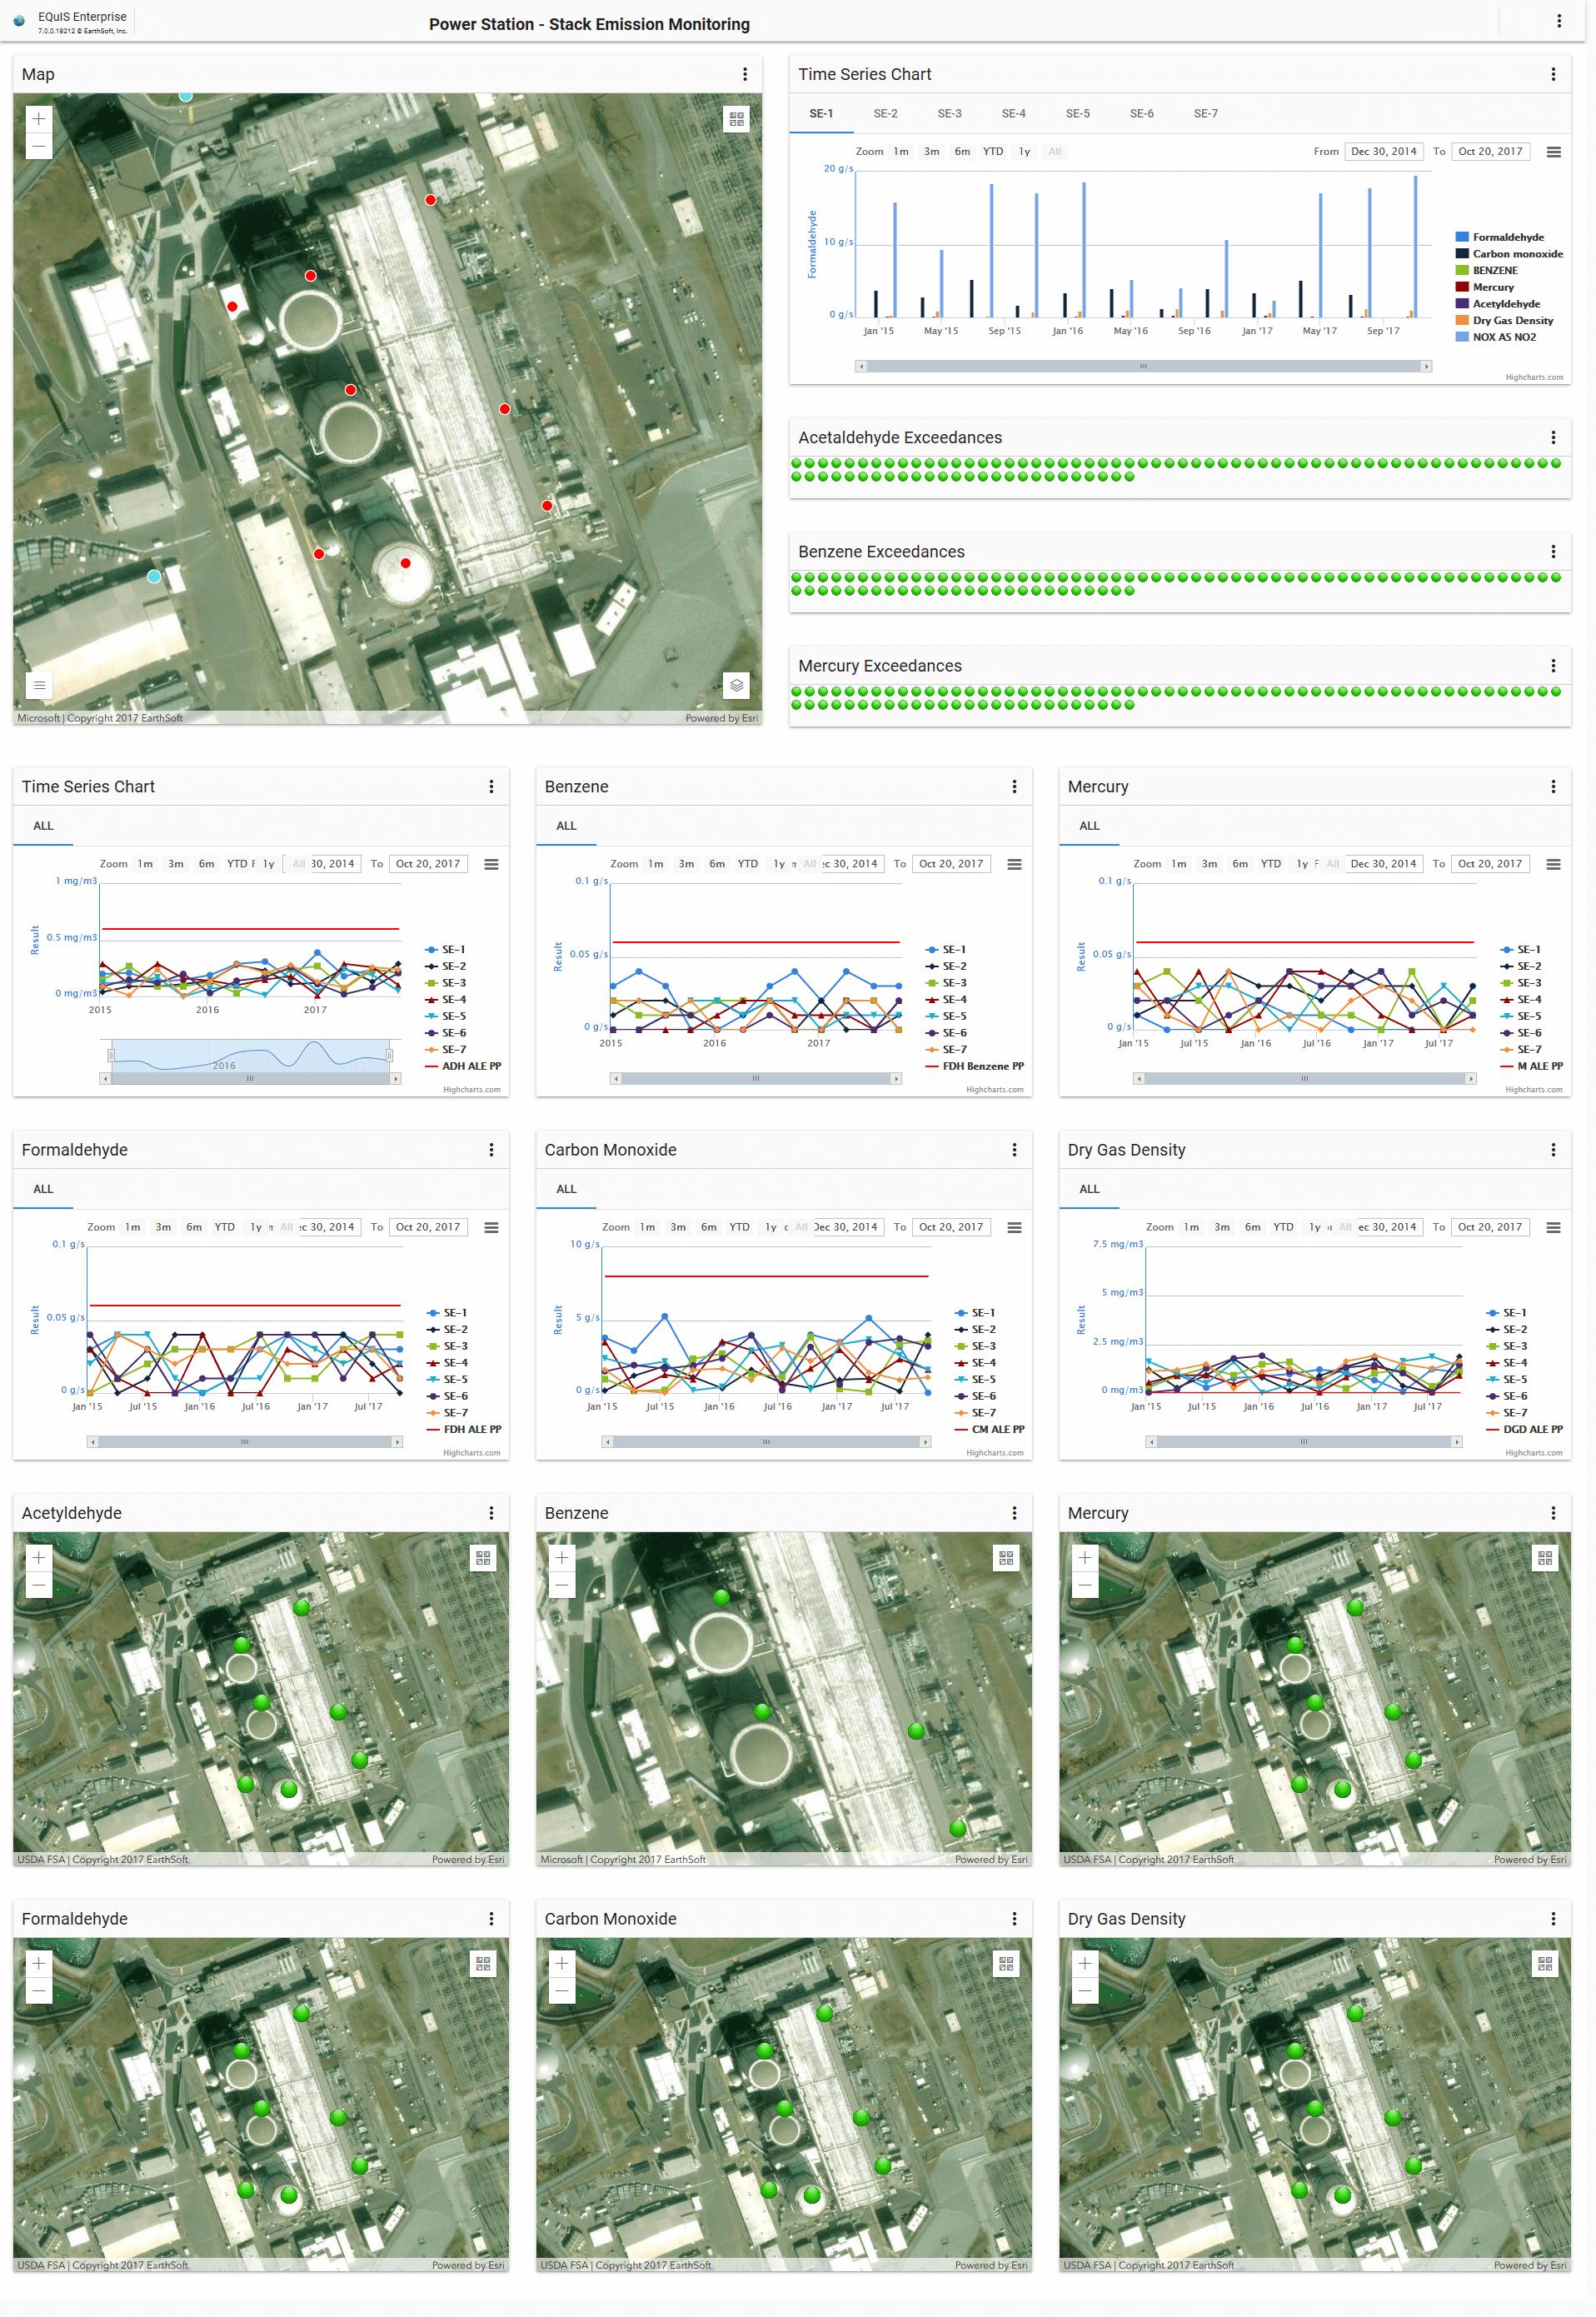 EQuIS Enterprise Power Station Stack Emission Monitoring